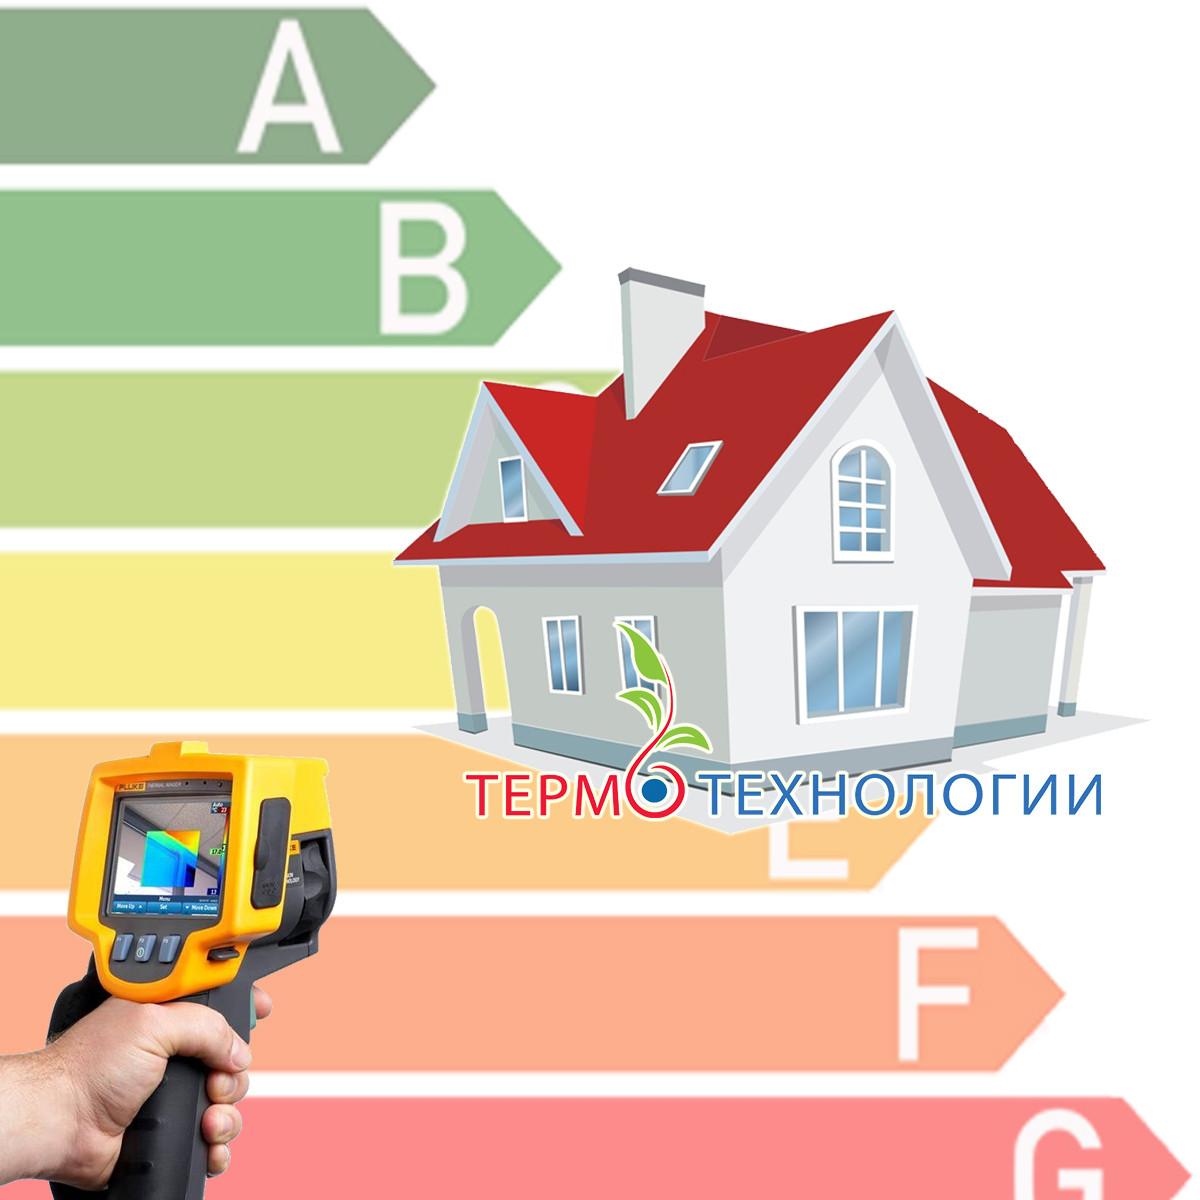 Обследование инженерных систем зданий в Запорожье